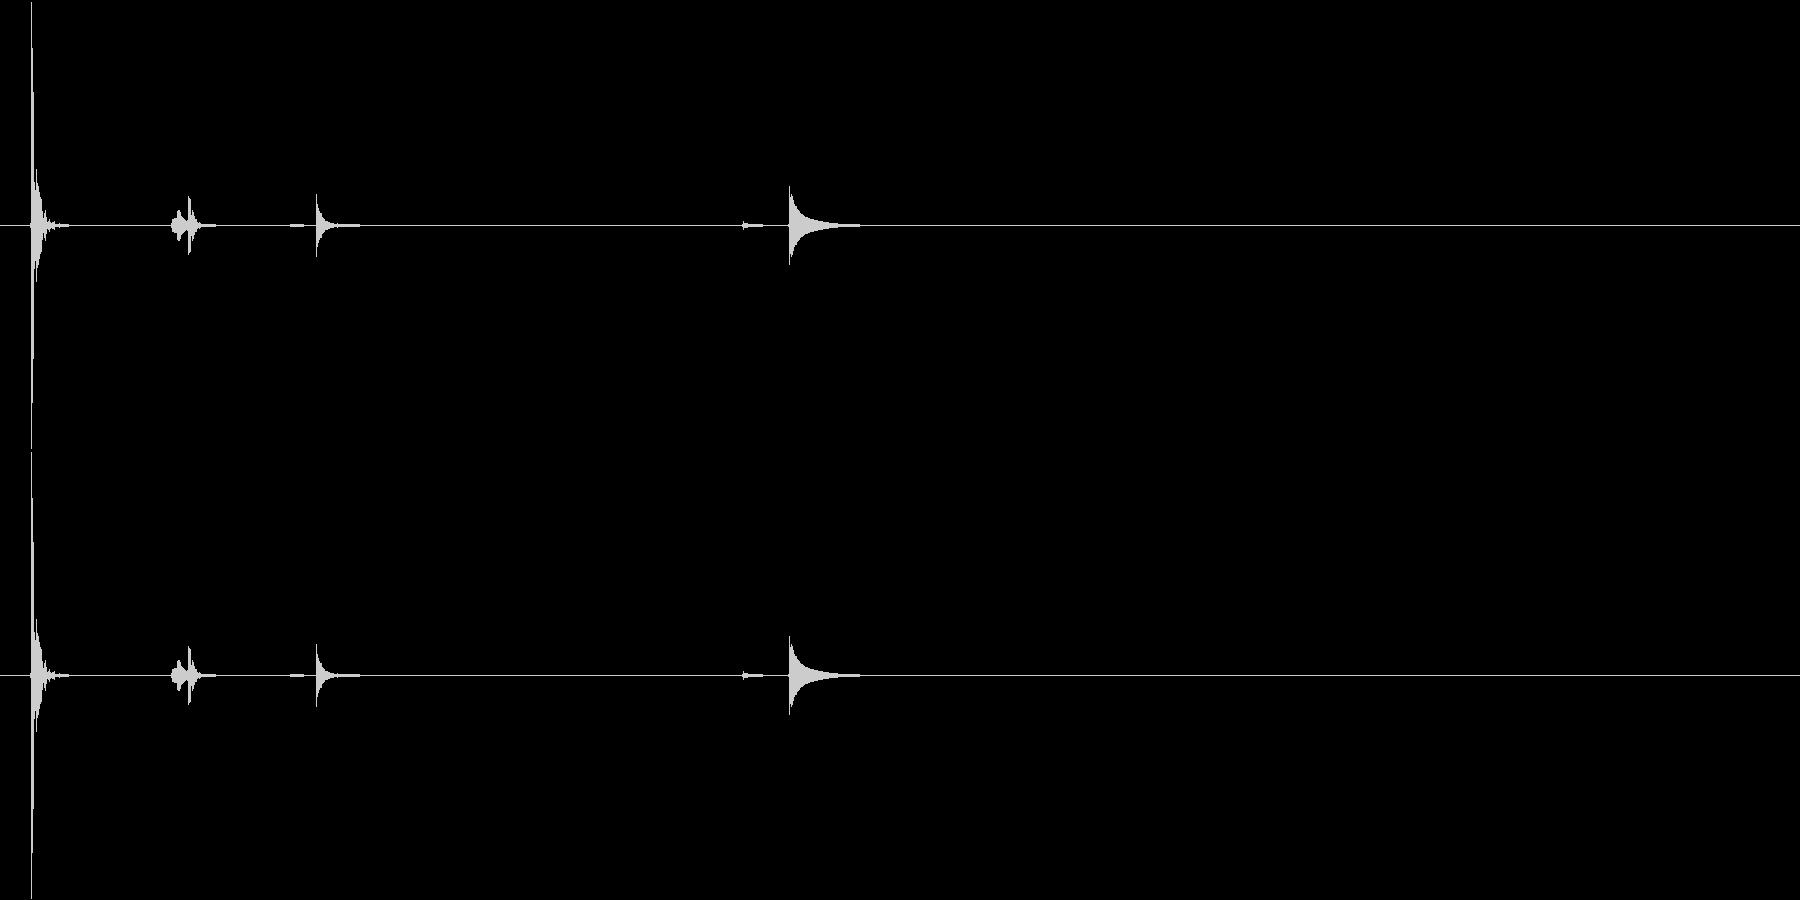 グラス・ぐい呑みを置く2の未再生の波形